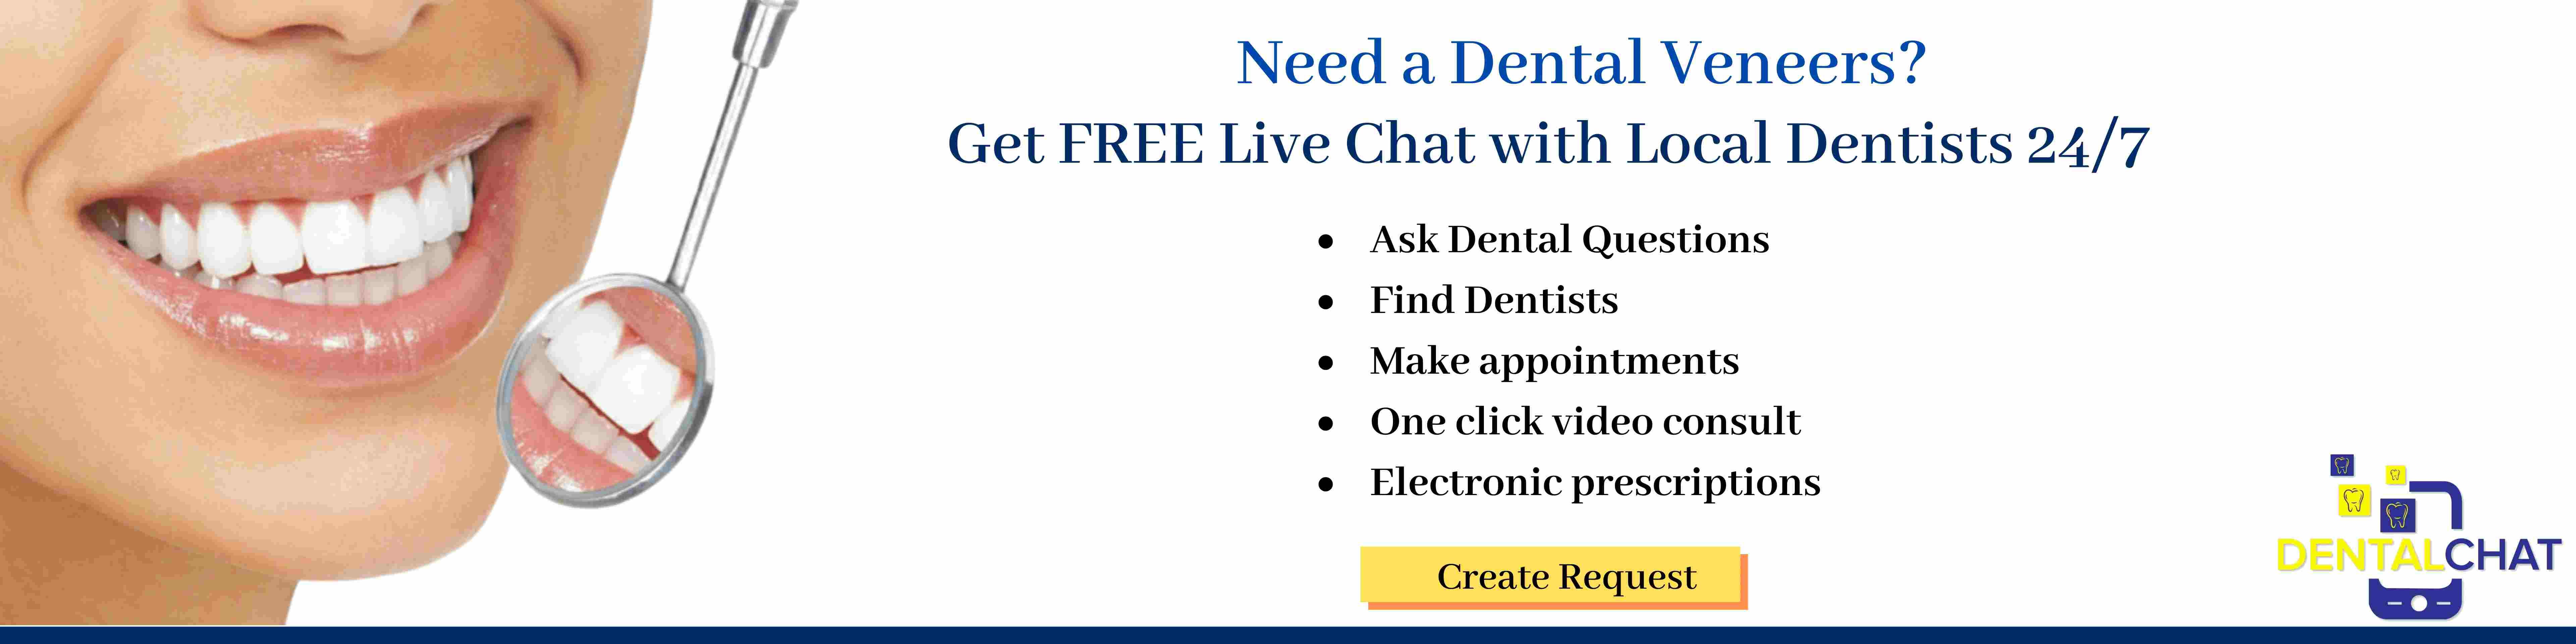 Dental Veneers Information, Cosmetic Dental Veneers Chat, Local Cosmetic Dental Veneer Blog, Dental Veneers Blogging